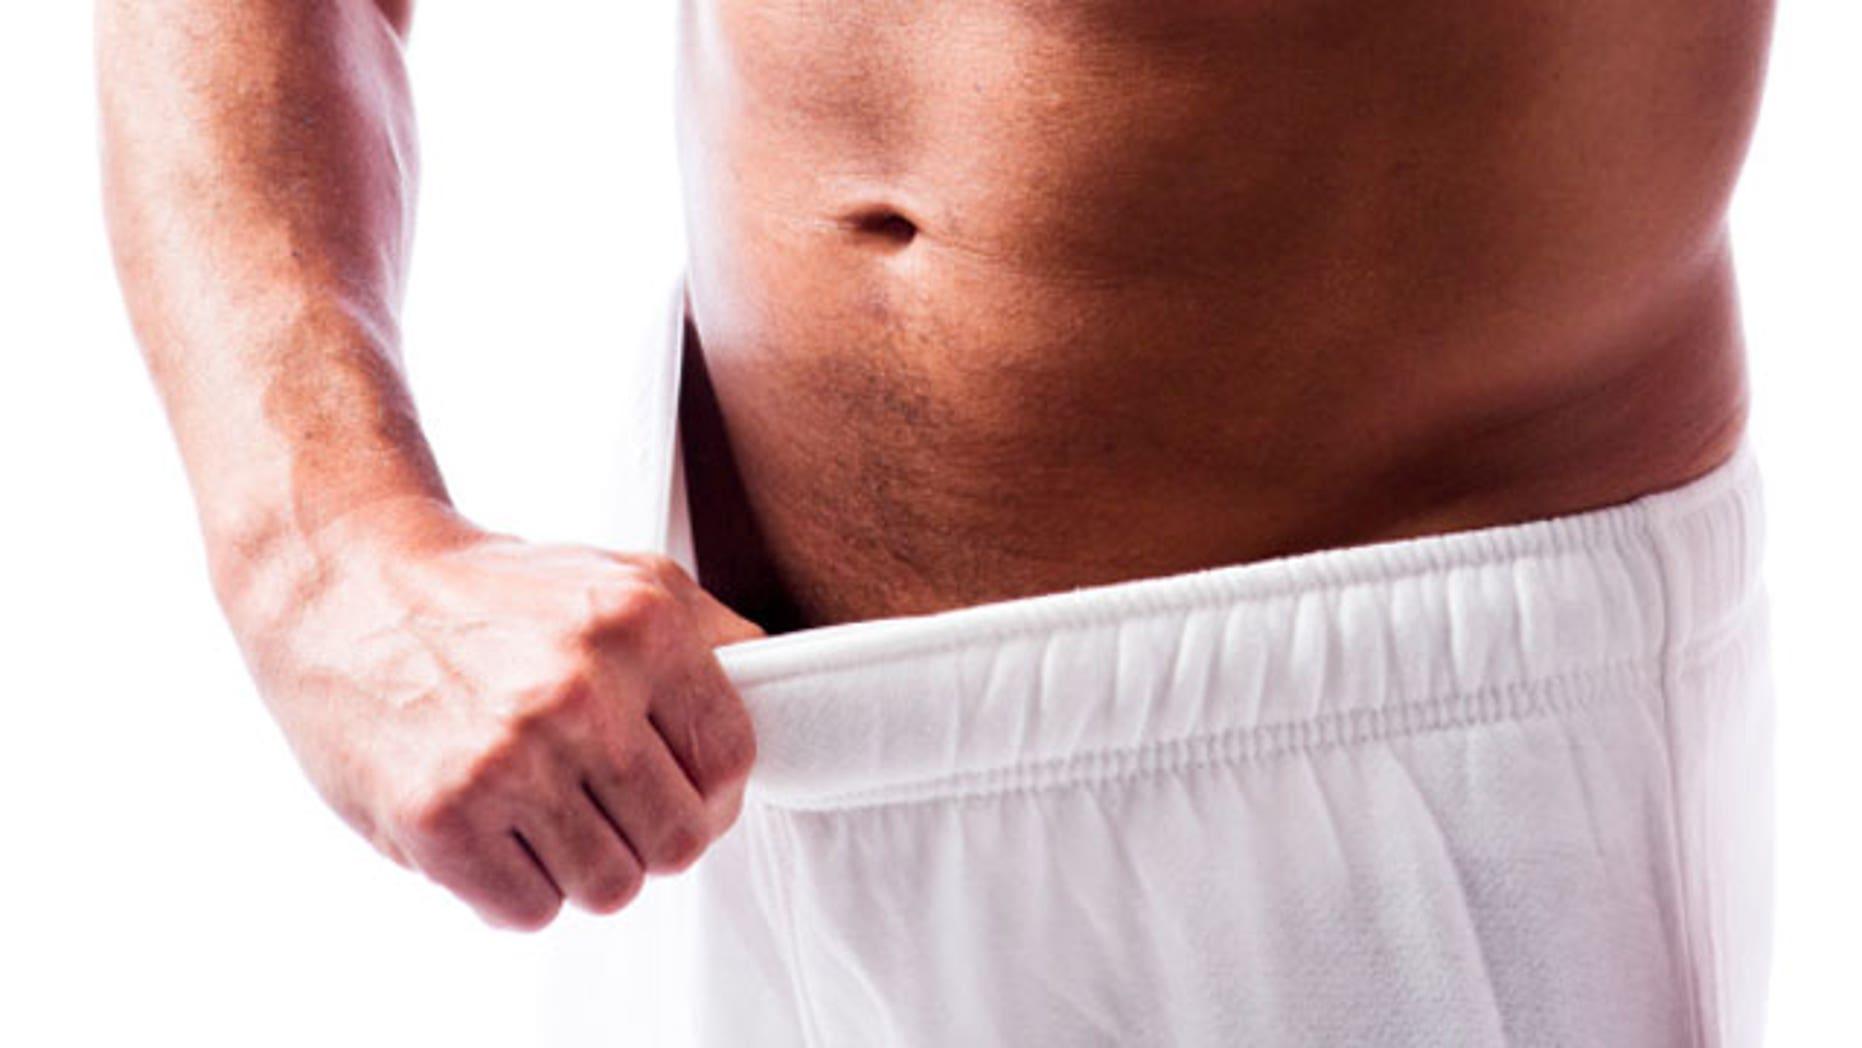 organe genitale feminine masculine penis tipuri de dimensiuni ale penisului